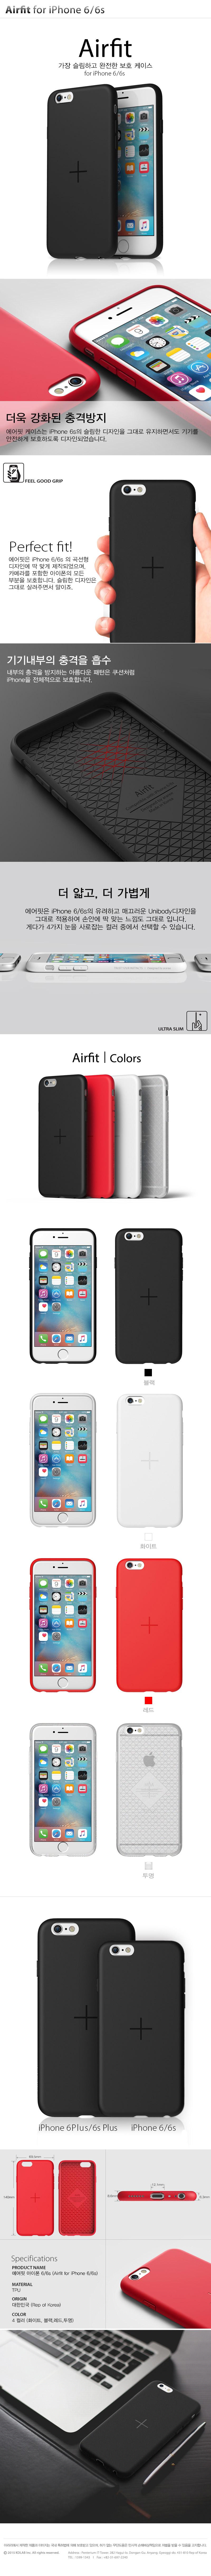 아라리 아이폰6S/6 케이스 에어핏 - 아라리, 12,000원, 케이스, 아이폰6S/6S플러스